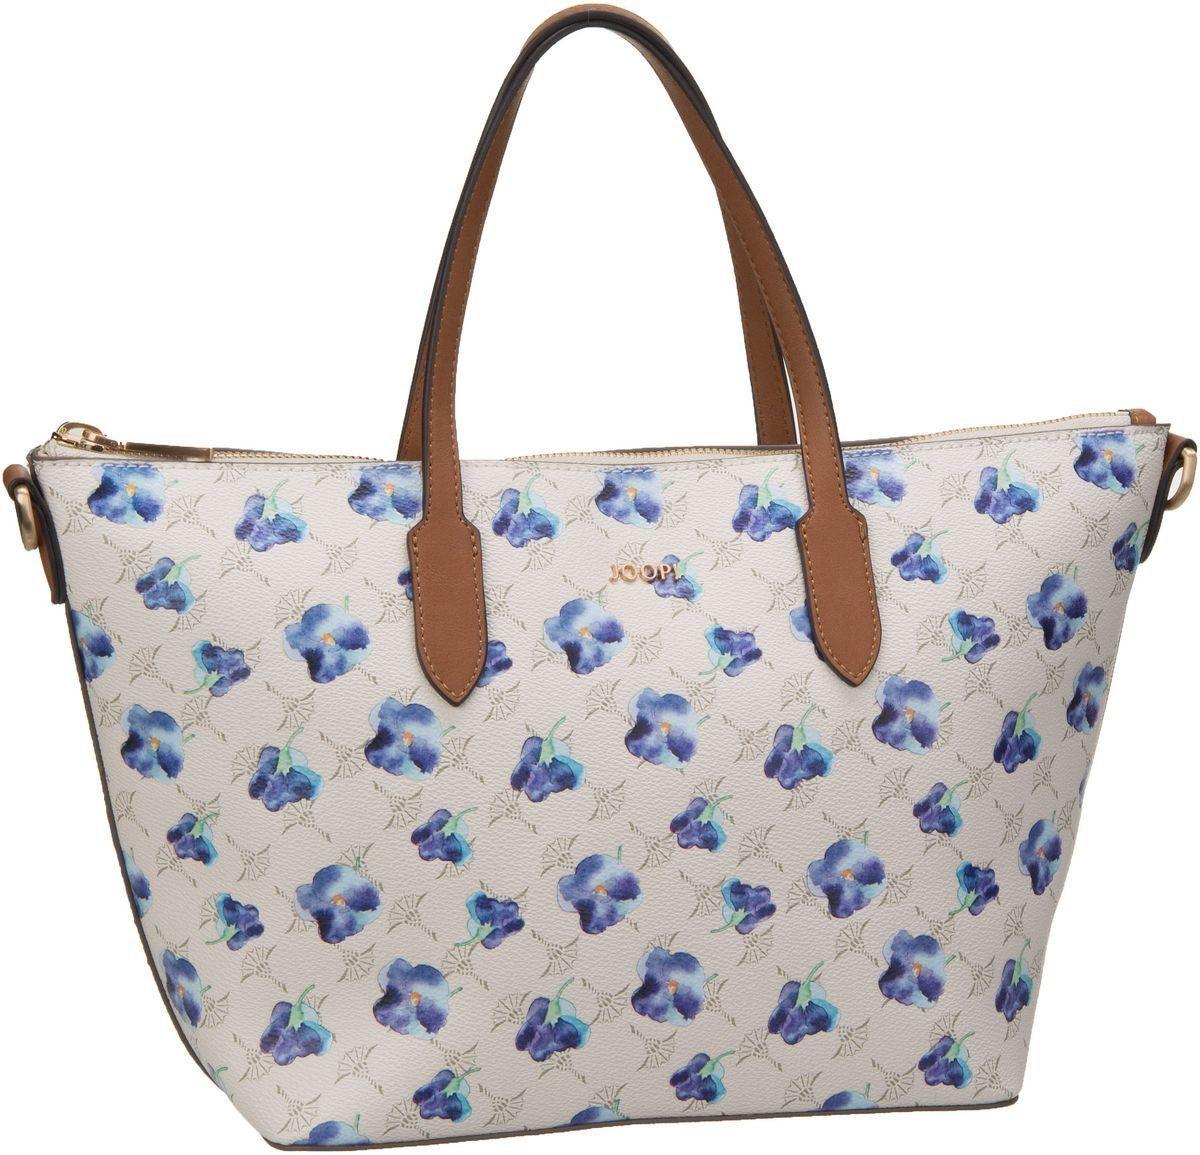 Joop! Handtasche »Cortina Fiore Helena HandBag MHZ«